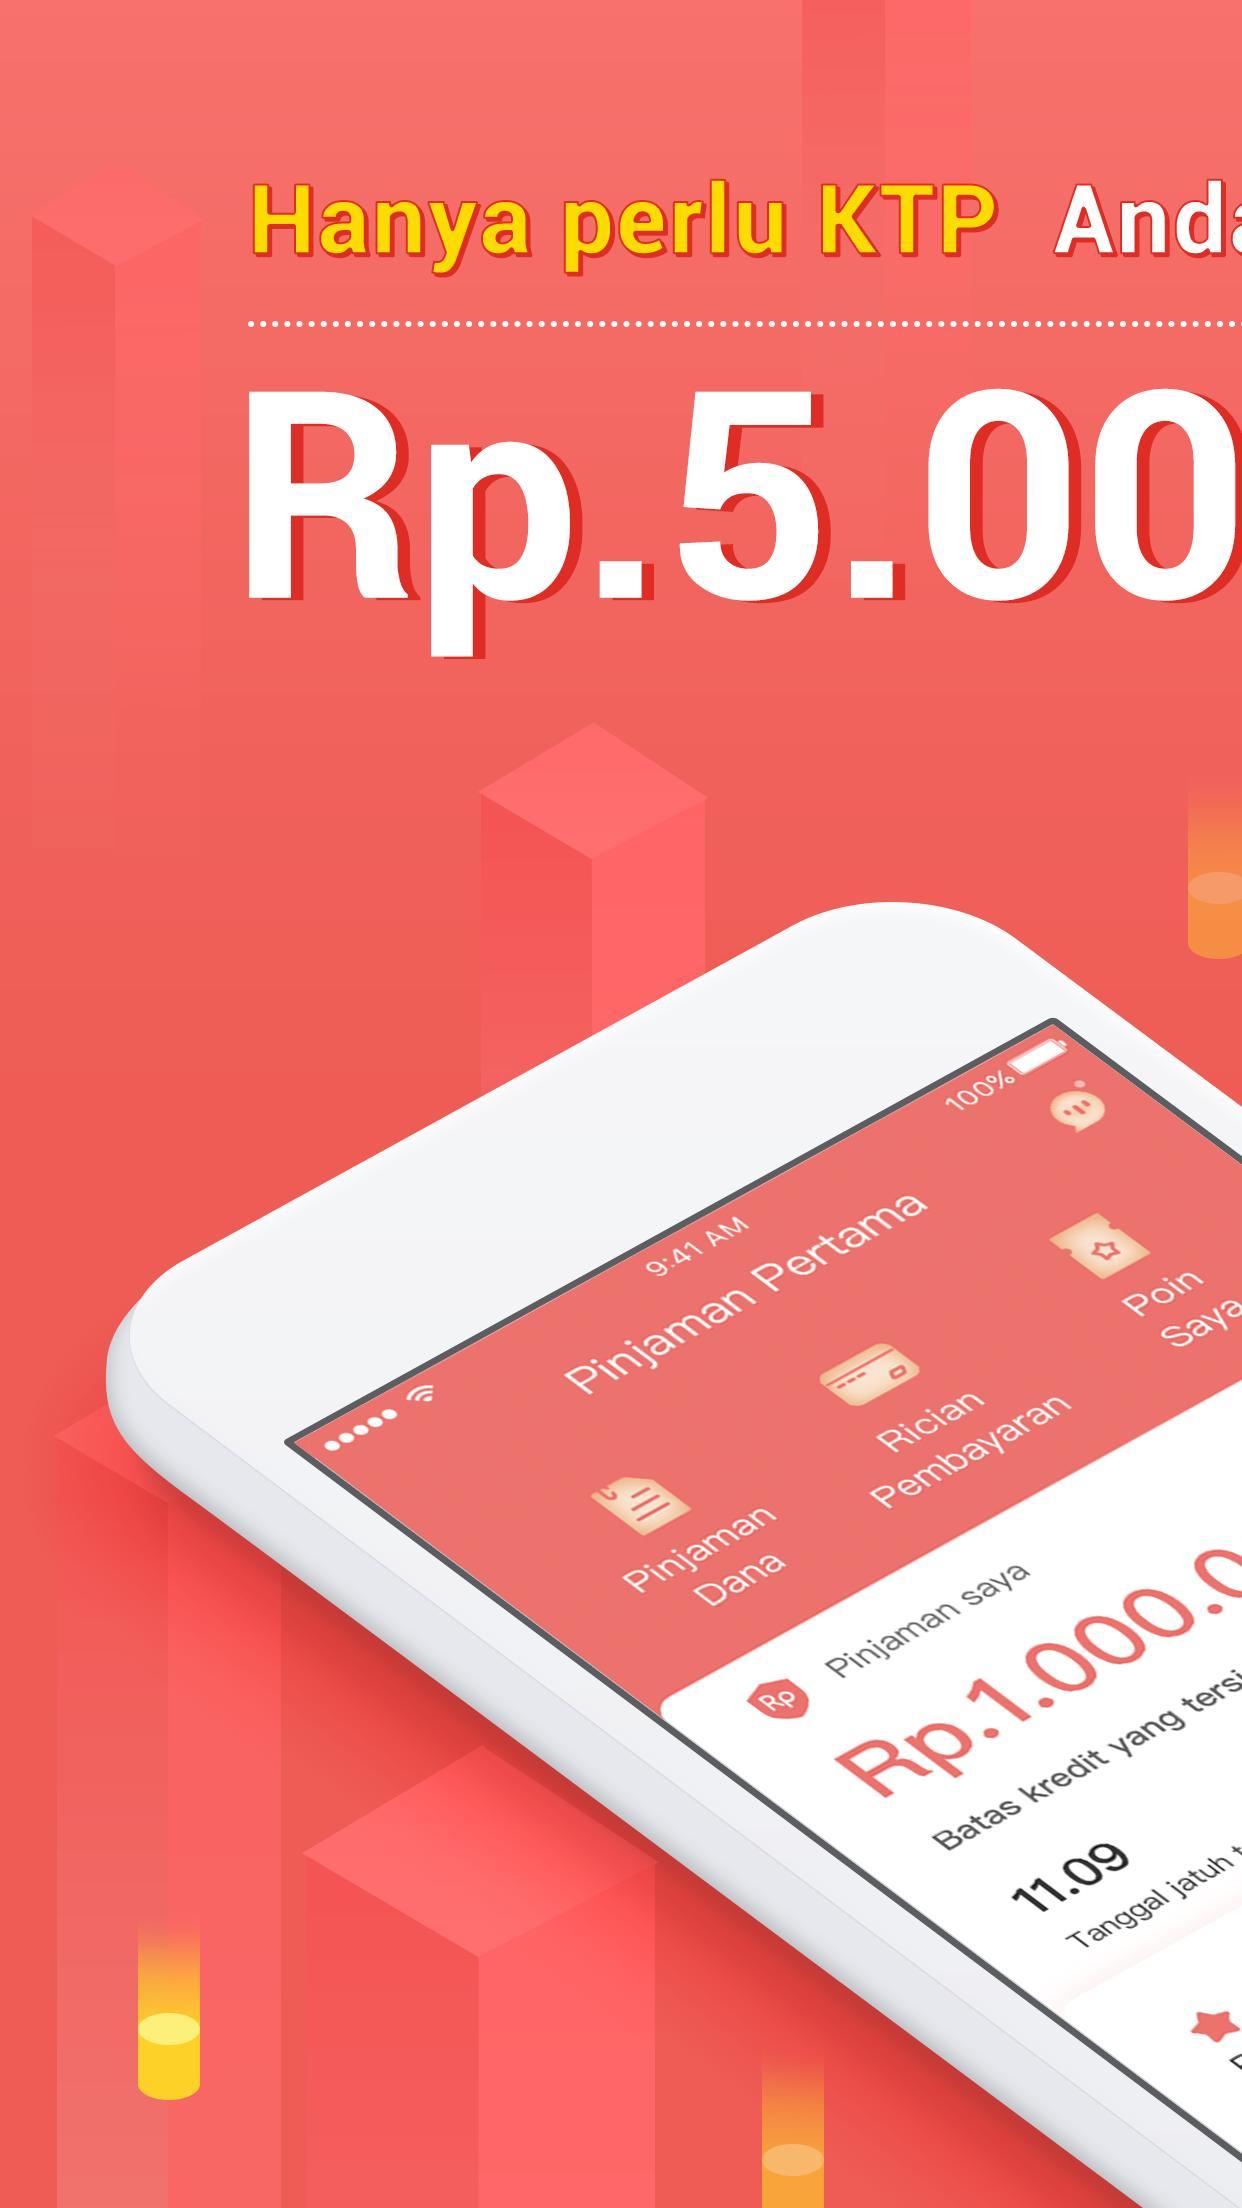 Rupiahgo Pinjaman Online Cepat Tanpa Jaminan For Android Apk